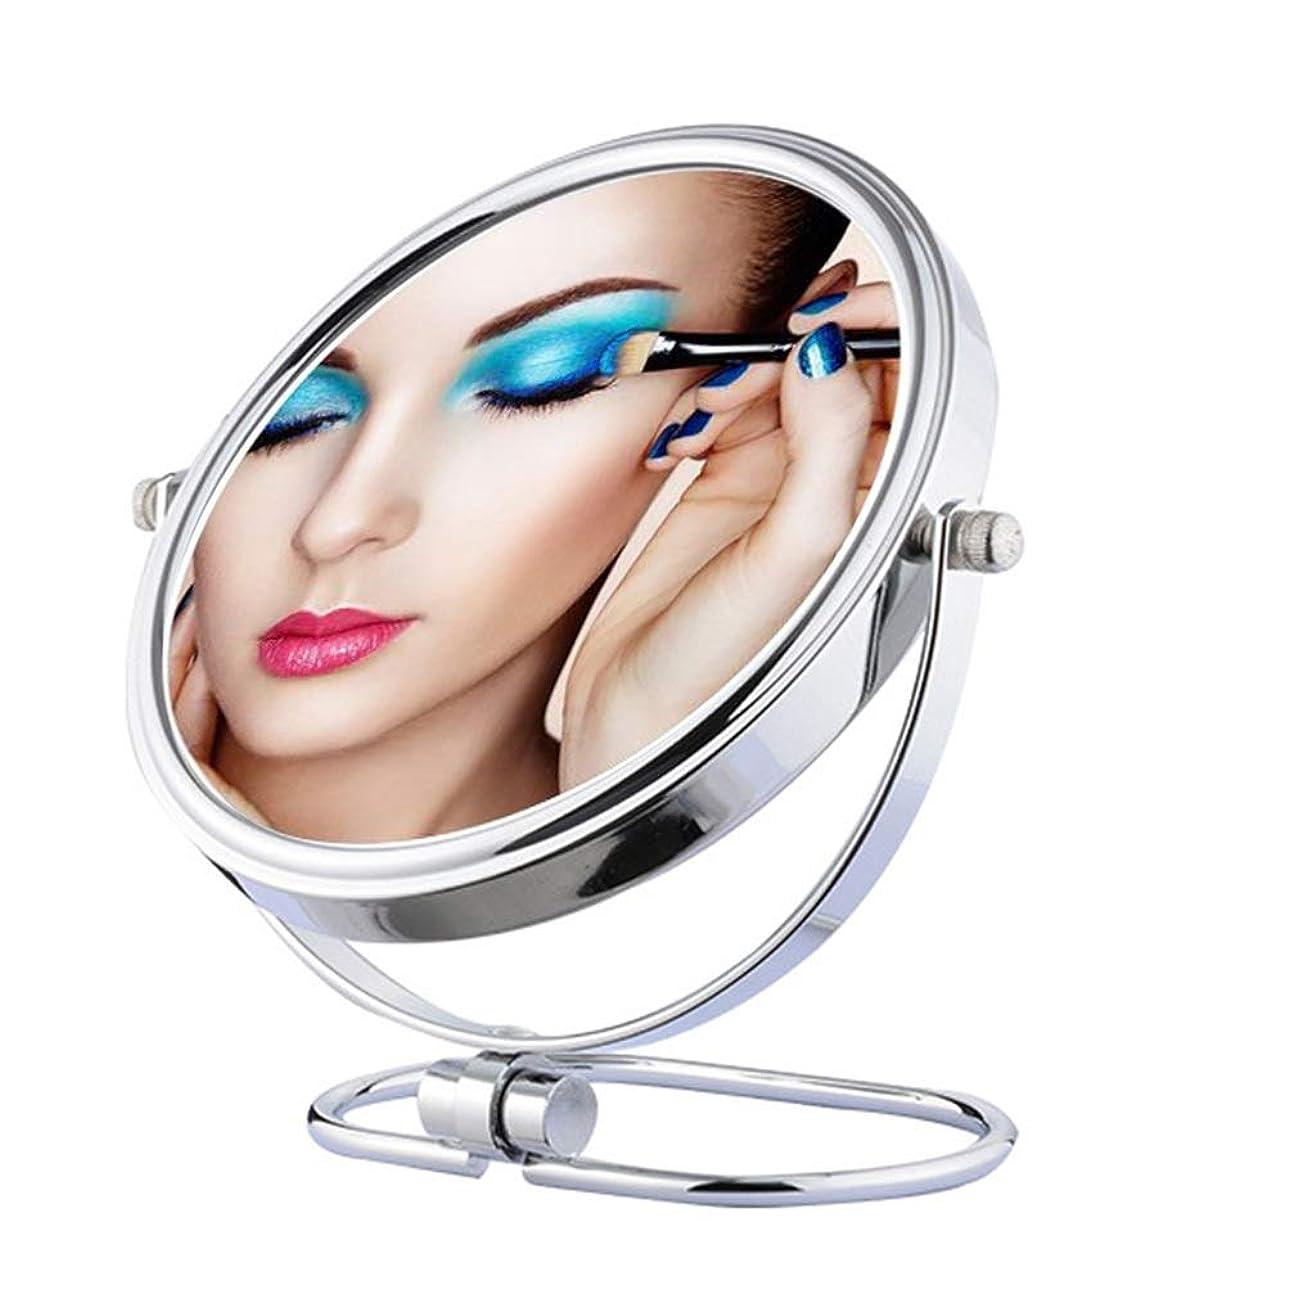 震えるシチリア信じる照明付き化粧鏡 吸引ミラーが付いている化粧鏡3Xの拡大の化粧鏡、手持ち型のミラー拡大の360度の旋回旅行ミラー 化粧鏡 (Edition : 8-inch mirror (plane+3X zoom))